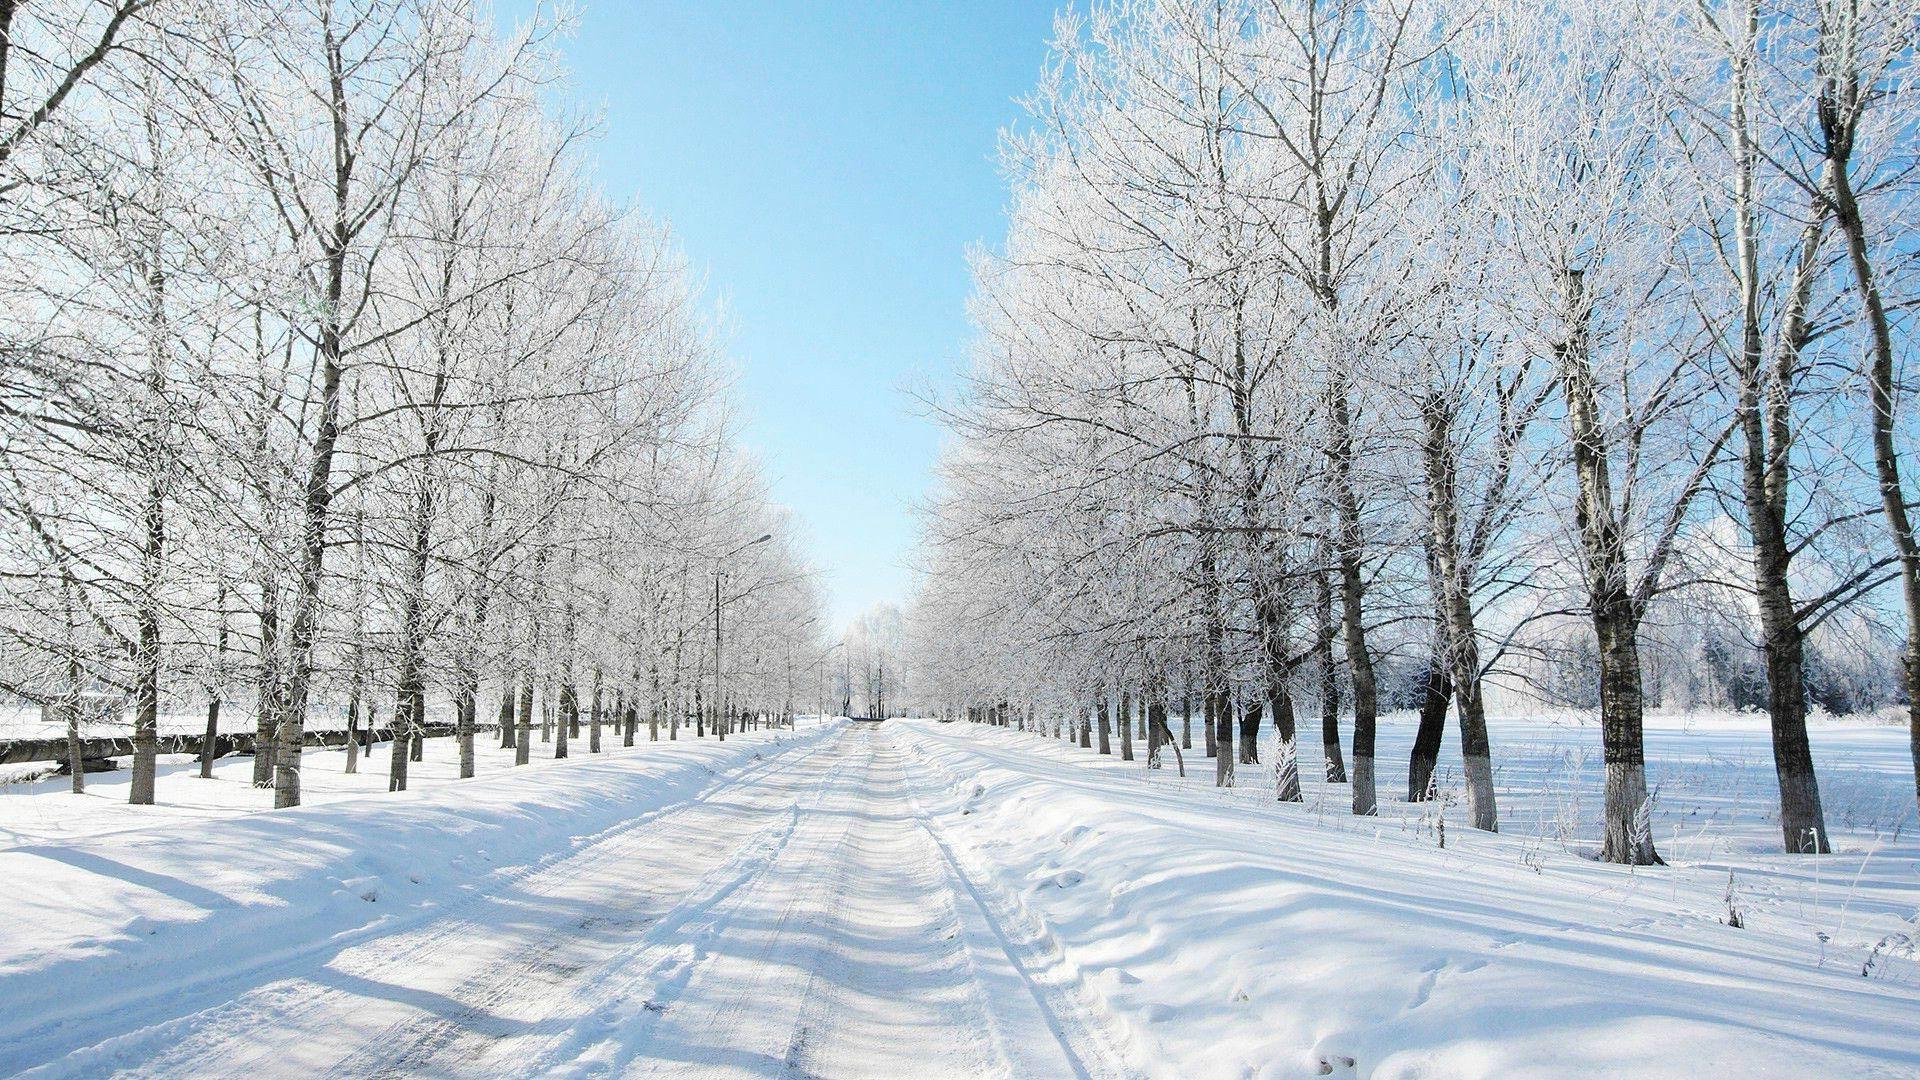 Route enneig e fond d 39 cran paysages d 39 hiver 1920x1080 for Fond ecran hiver hd